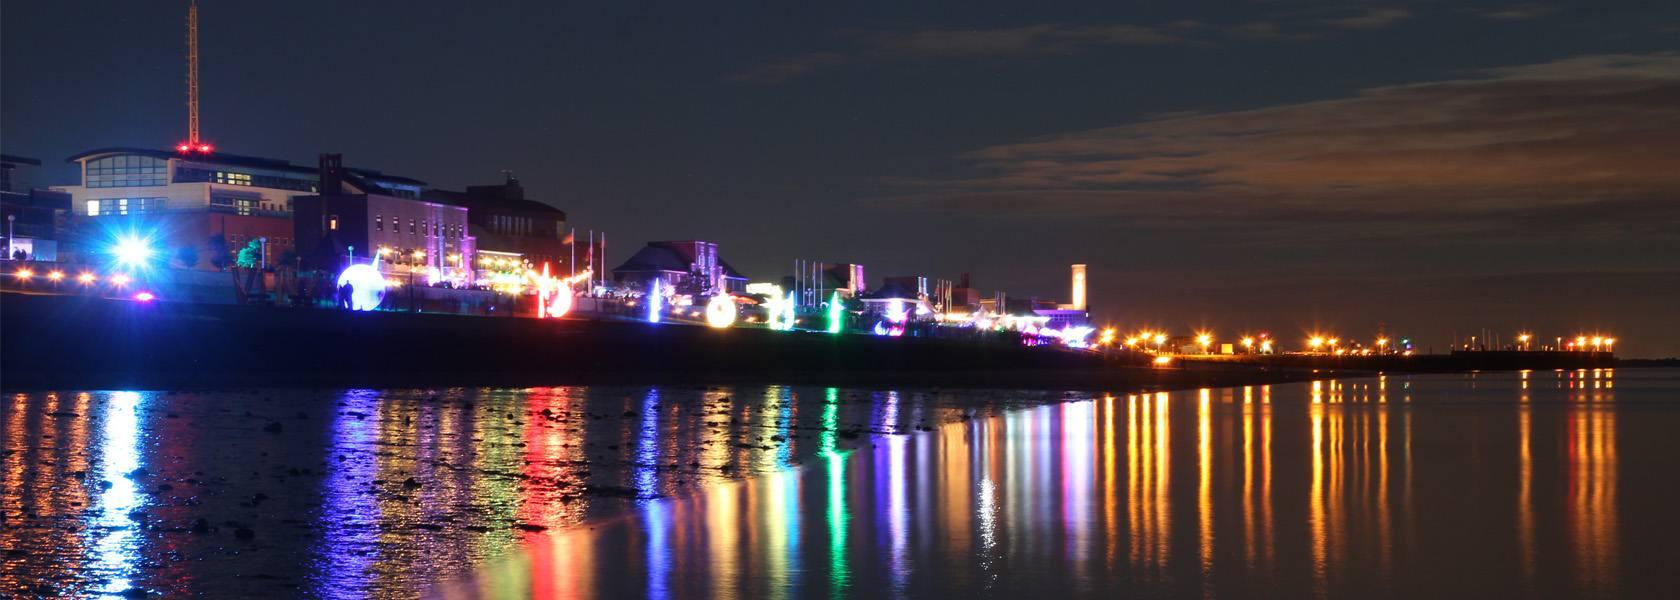 Lichterfest am Südstrand, © Wilhelmshaven Touristik & Freizeit GmbH